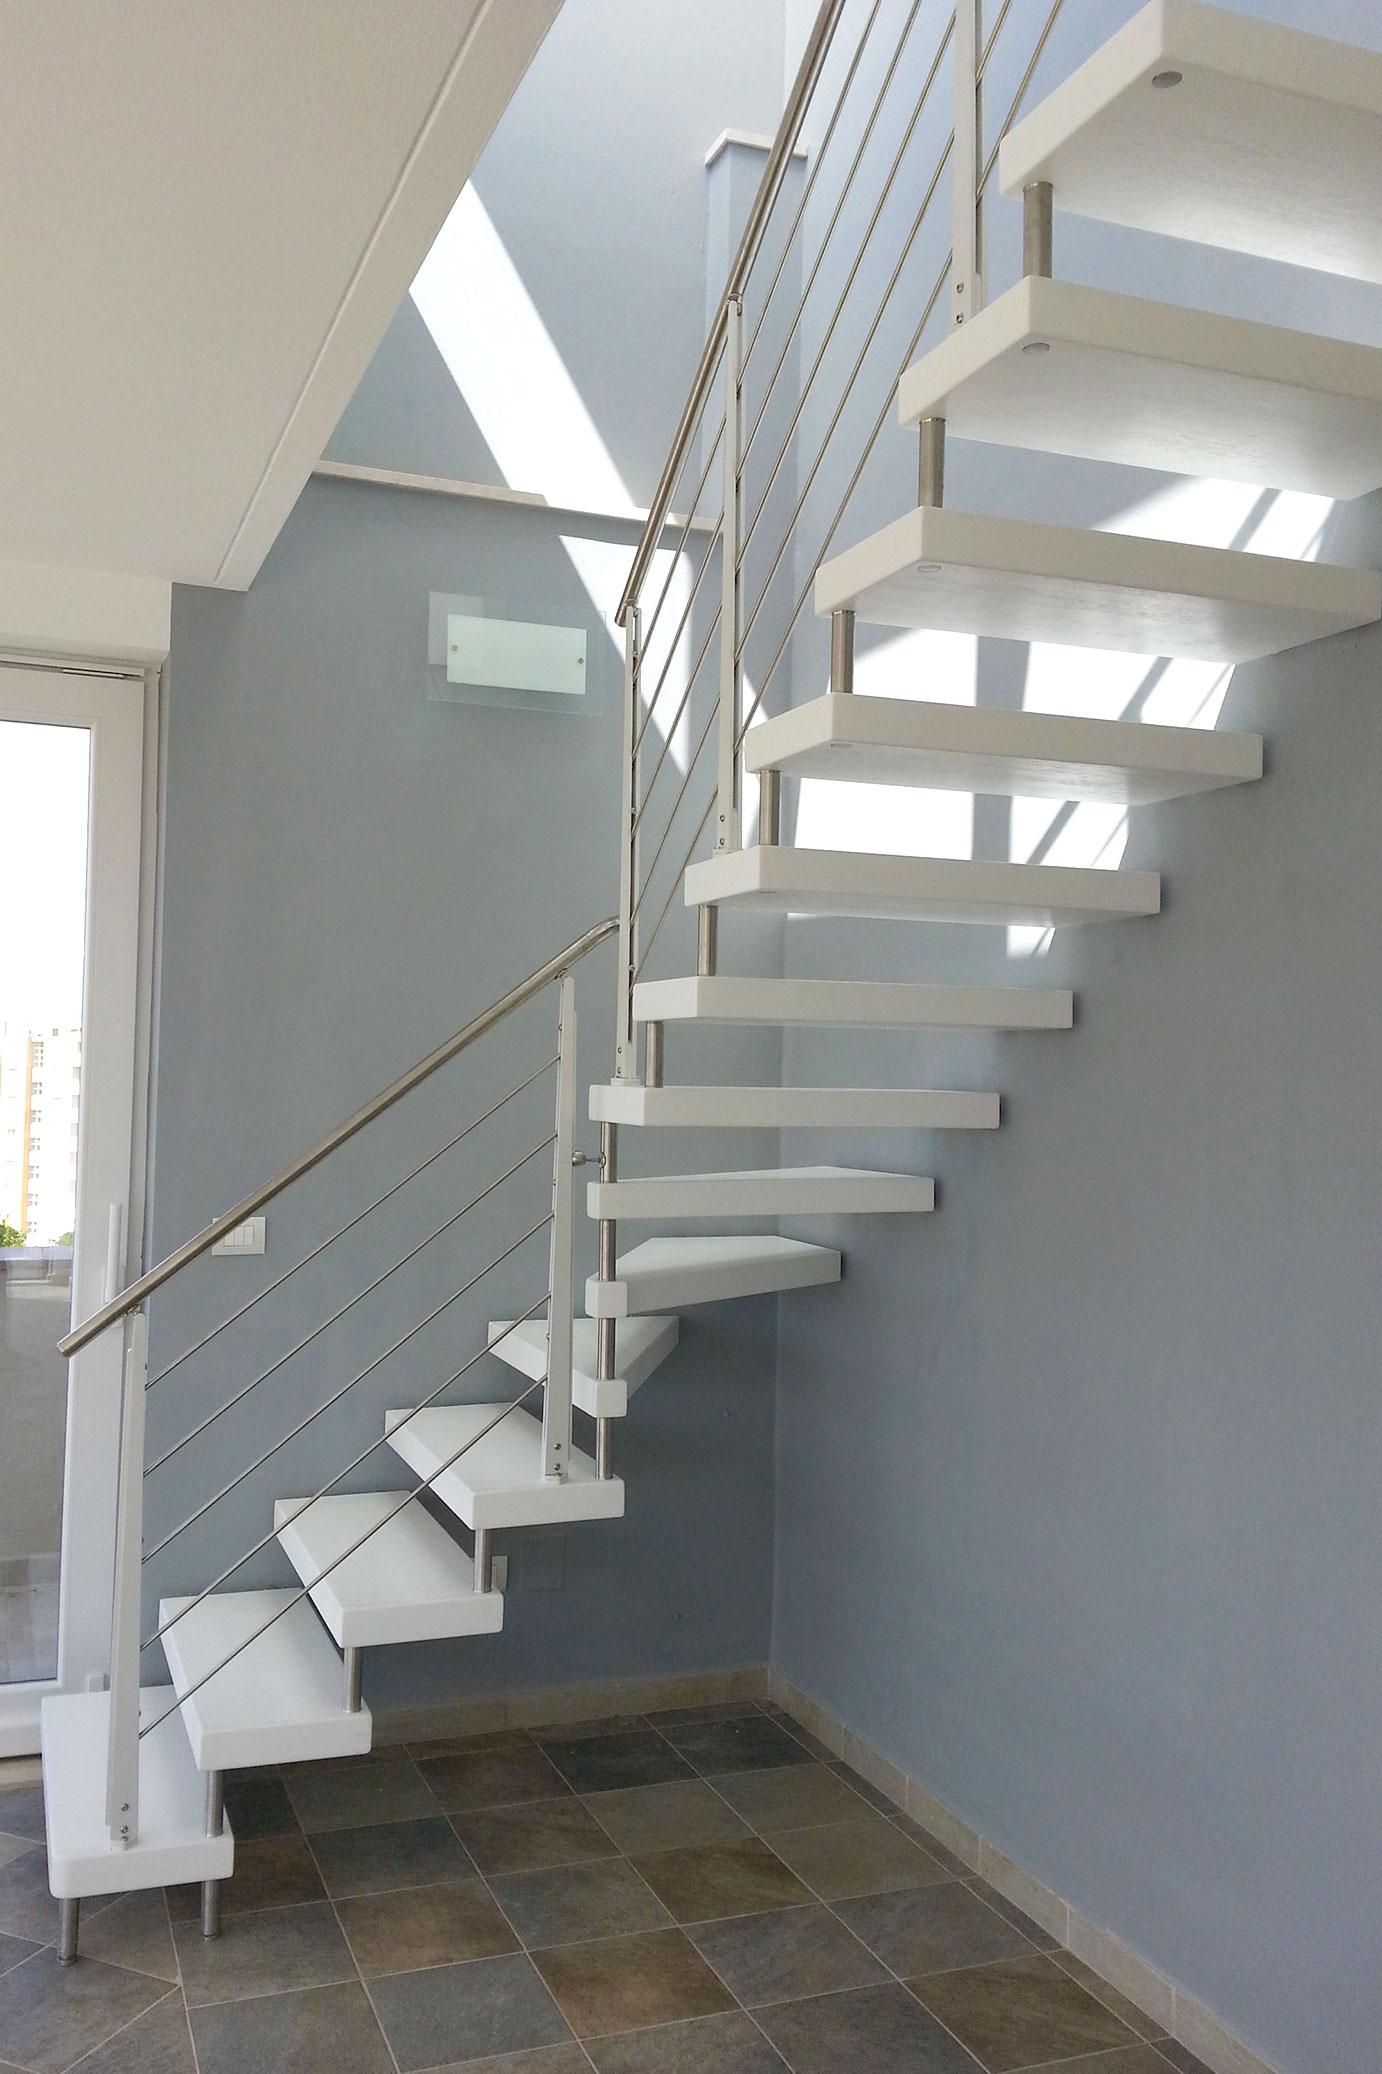 portfolio-11-colacicco-legno-porte-interni-esterni-infissi-legno-alluminio-pvc-parquet-pavimenti-scale-schermature-avvolgibili-matera-basilicata